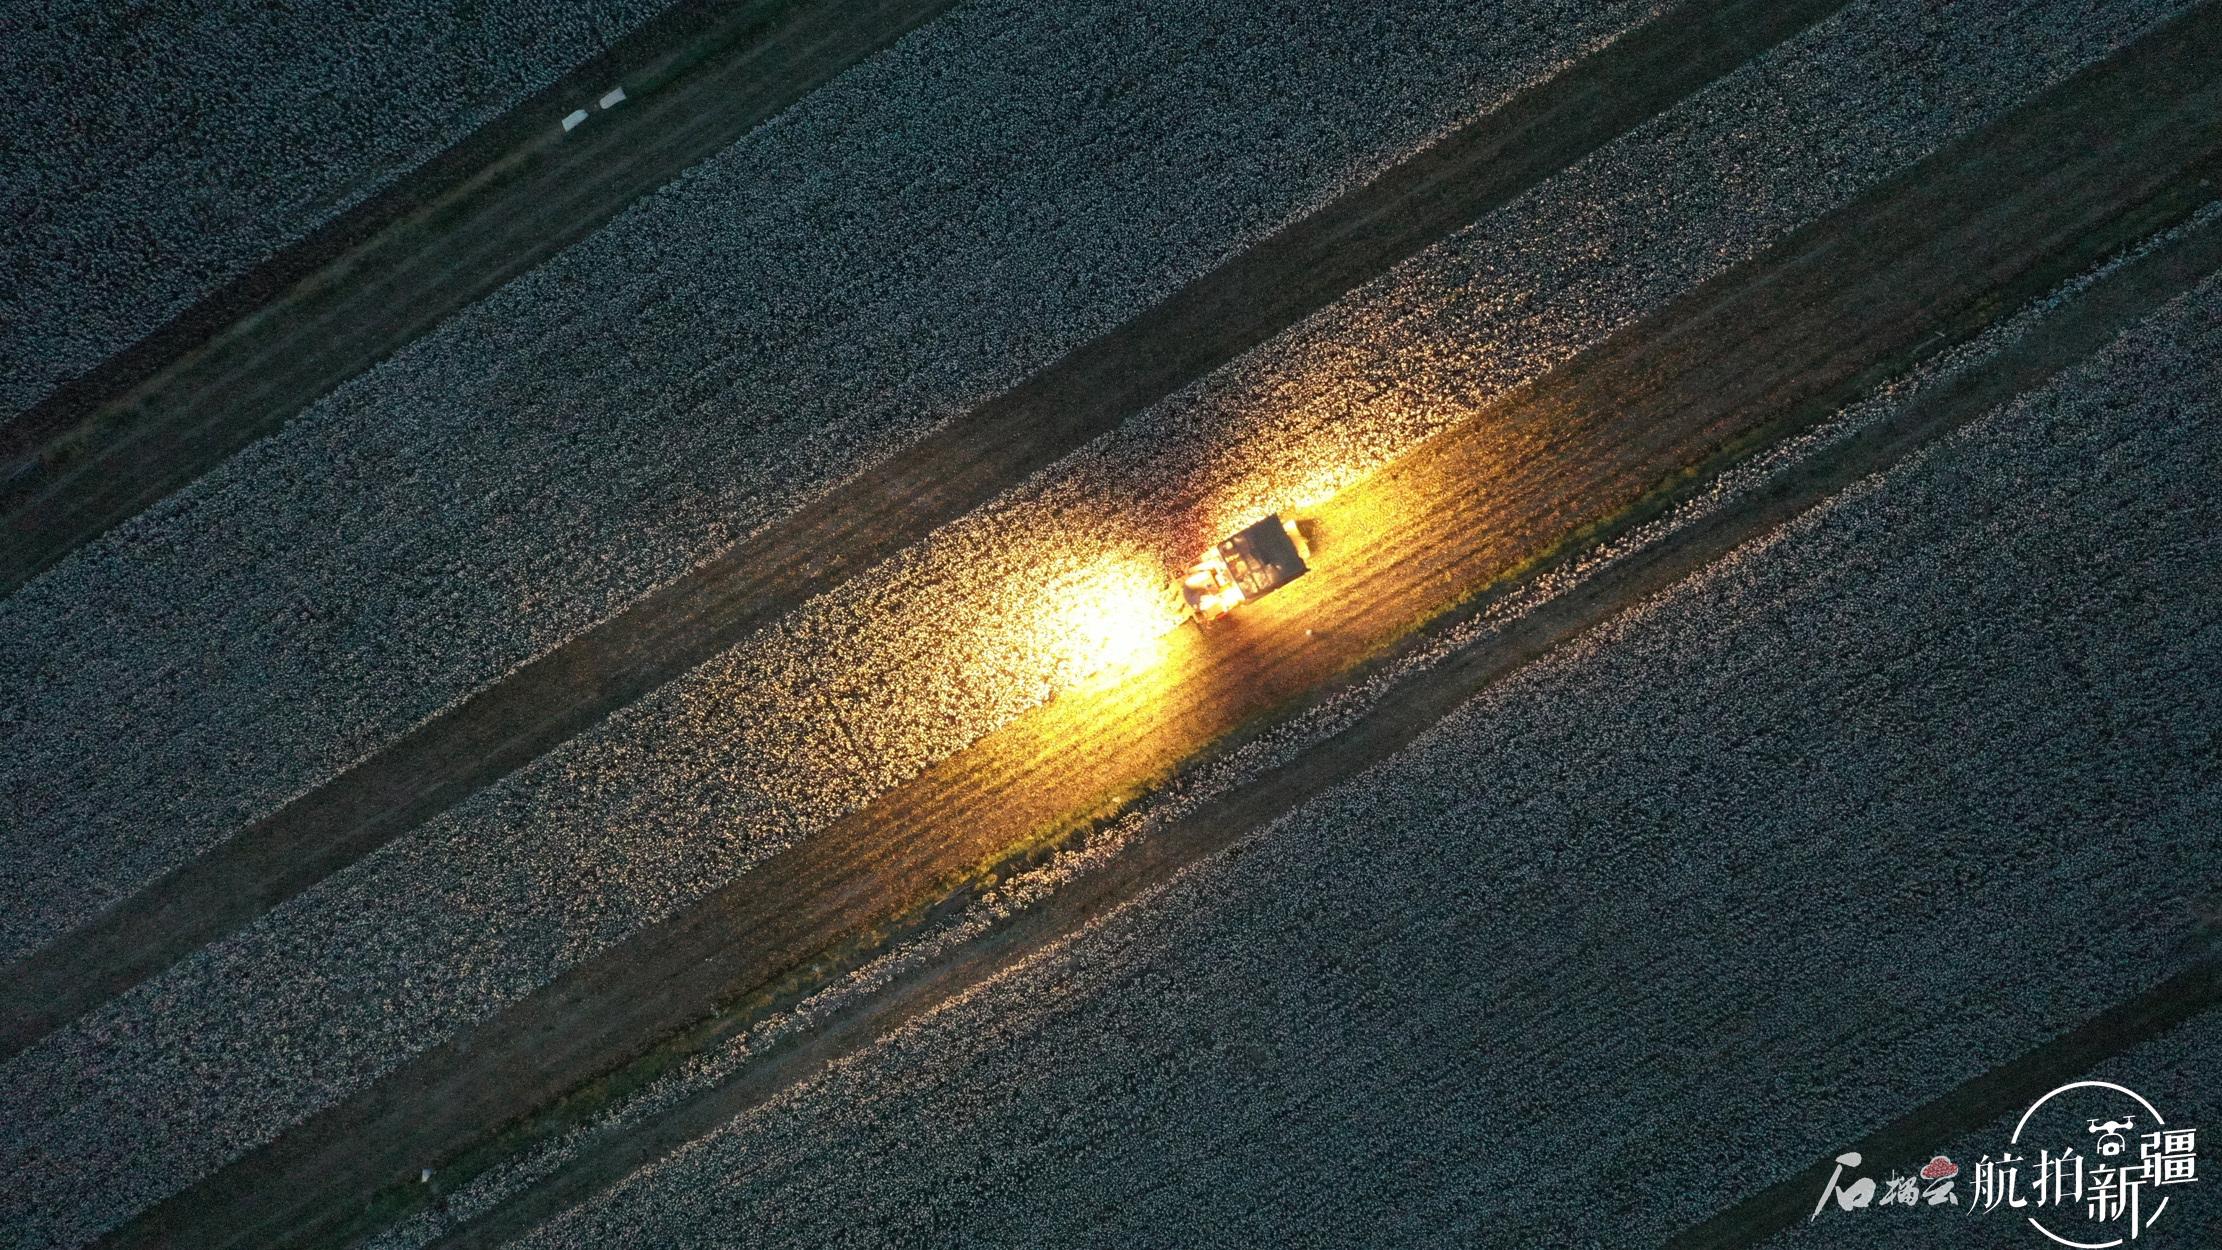 航拍新疆摄影大赛参赛作品——确·胡热作品